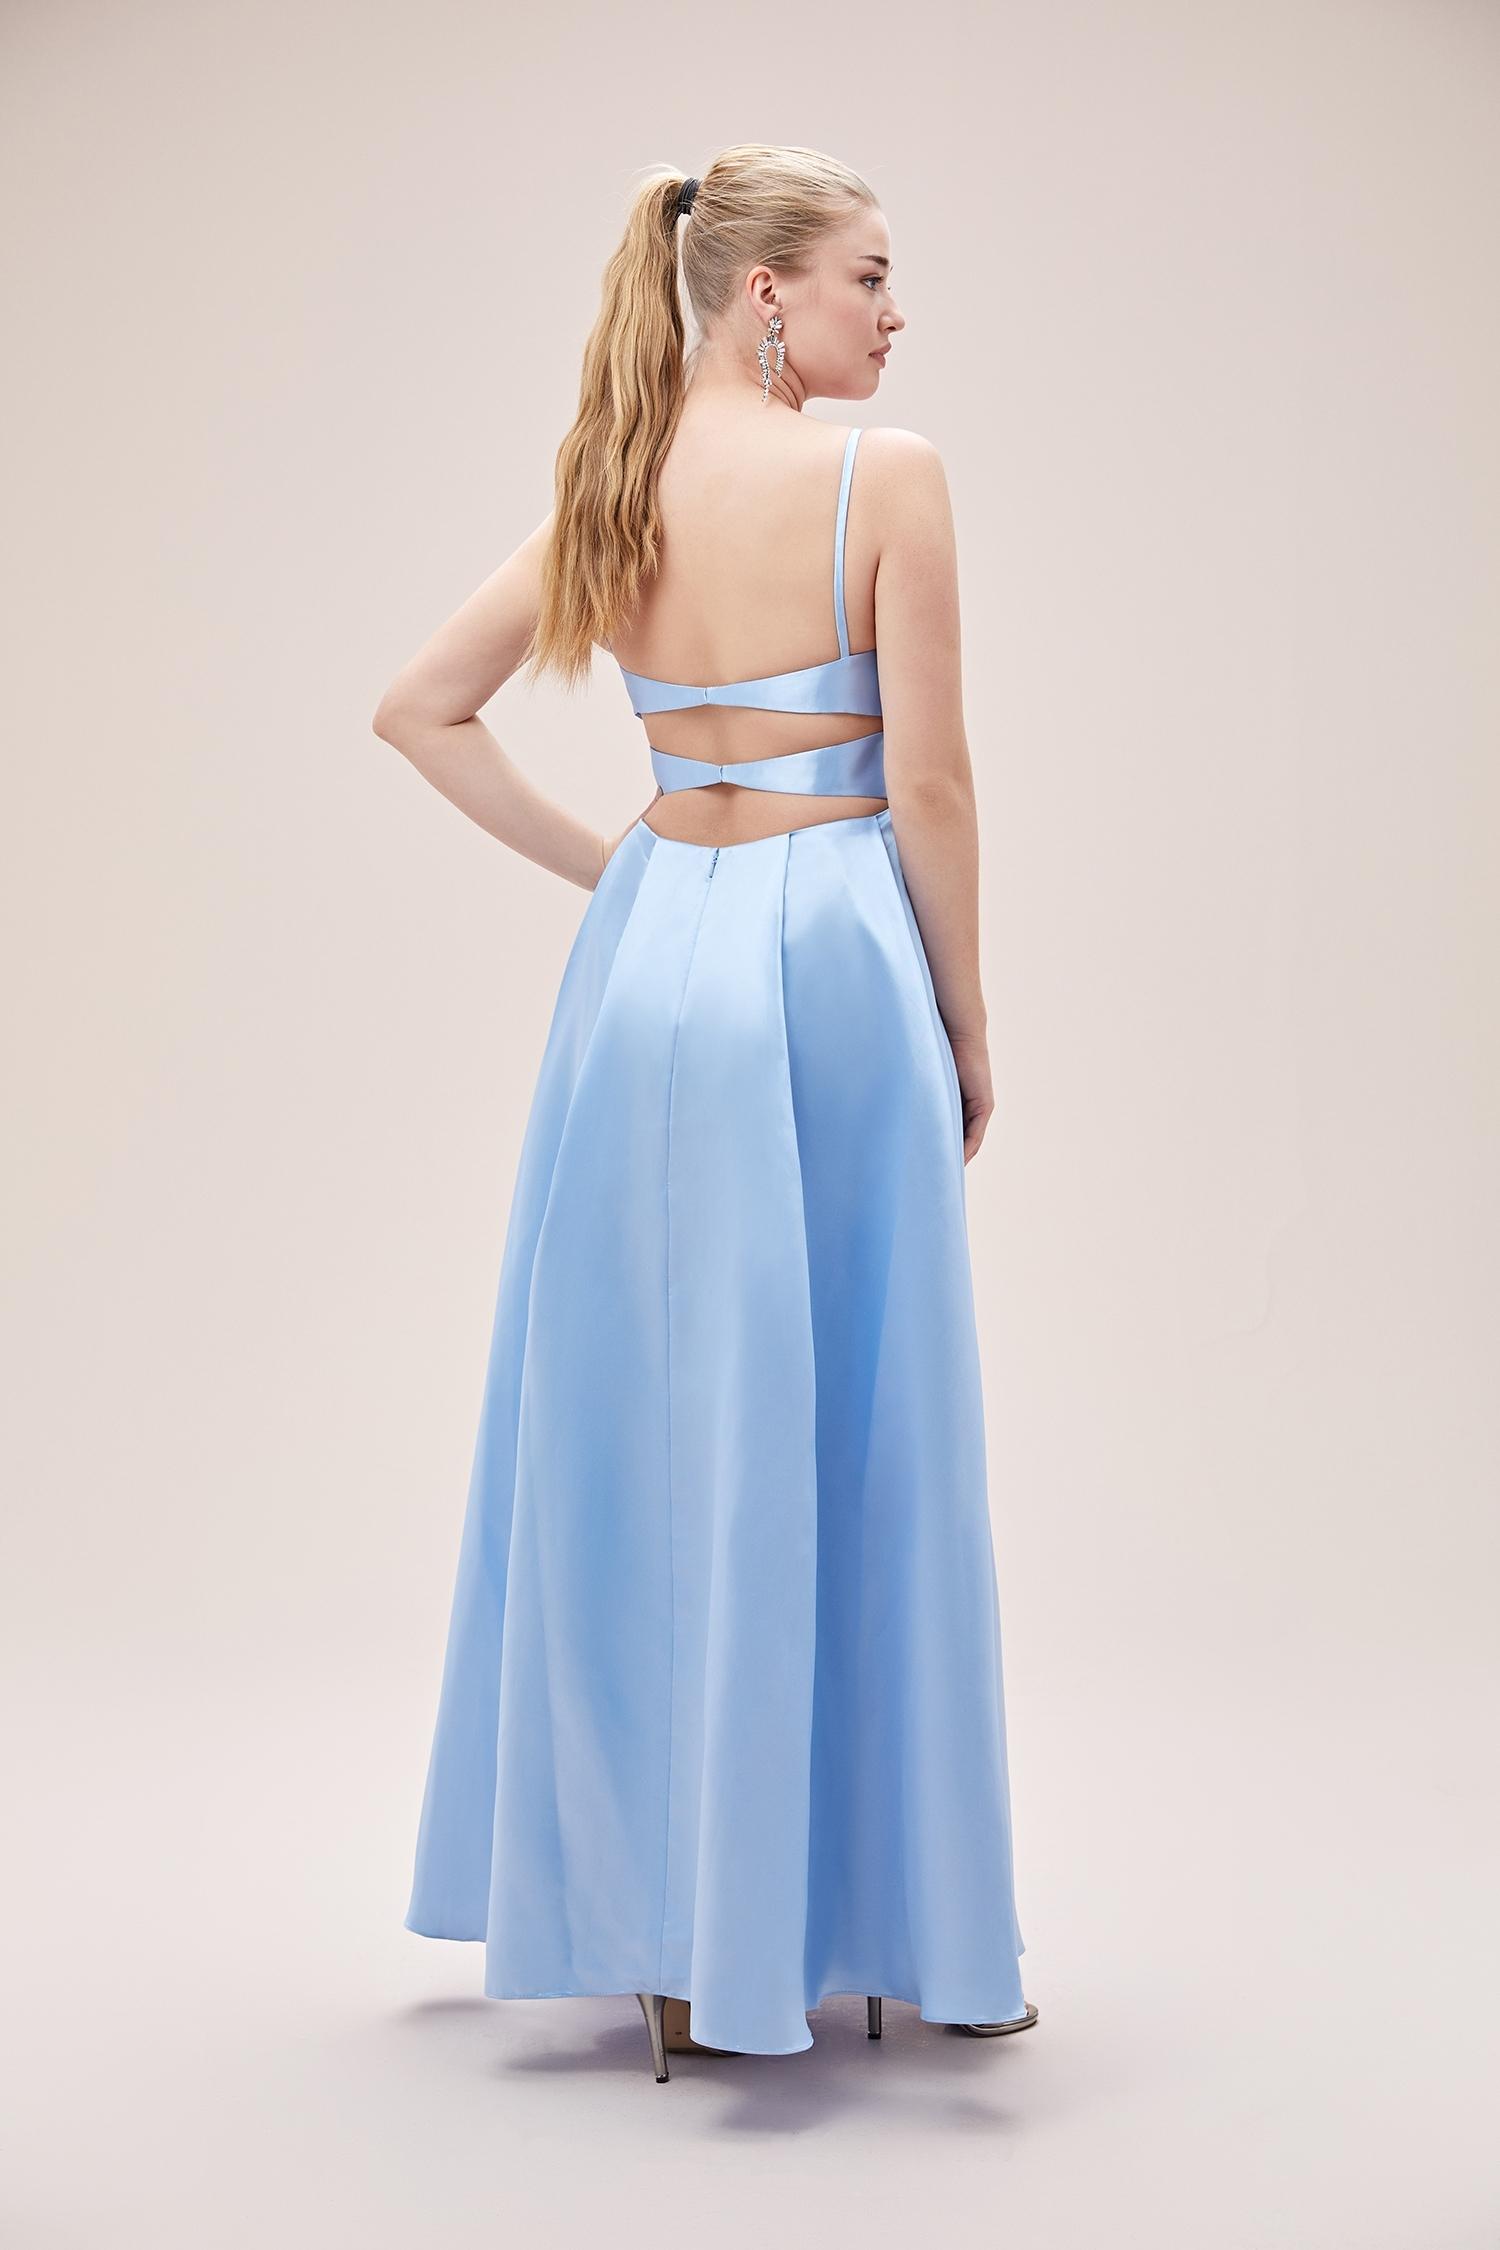 Açık Mavi İnce Askılı Saten Uzun Büyük Beden Elbise - Thumbnail